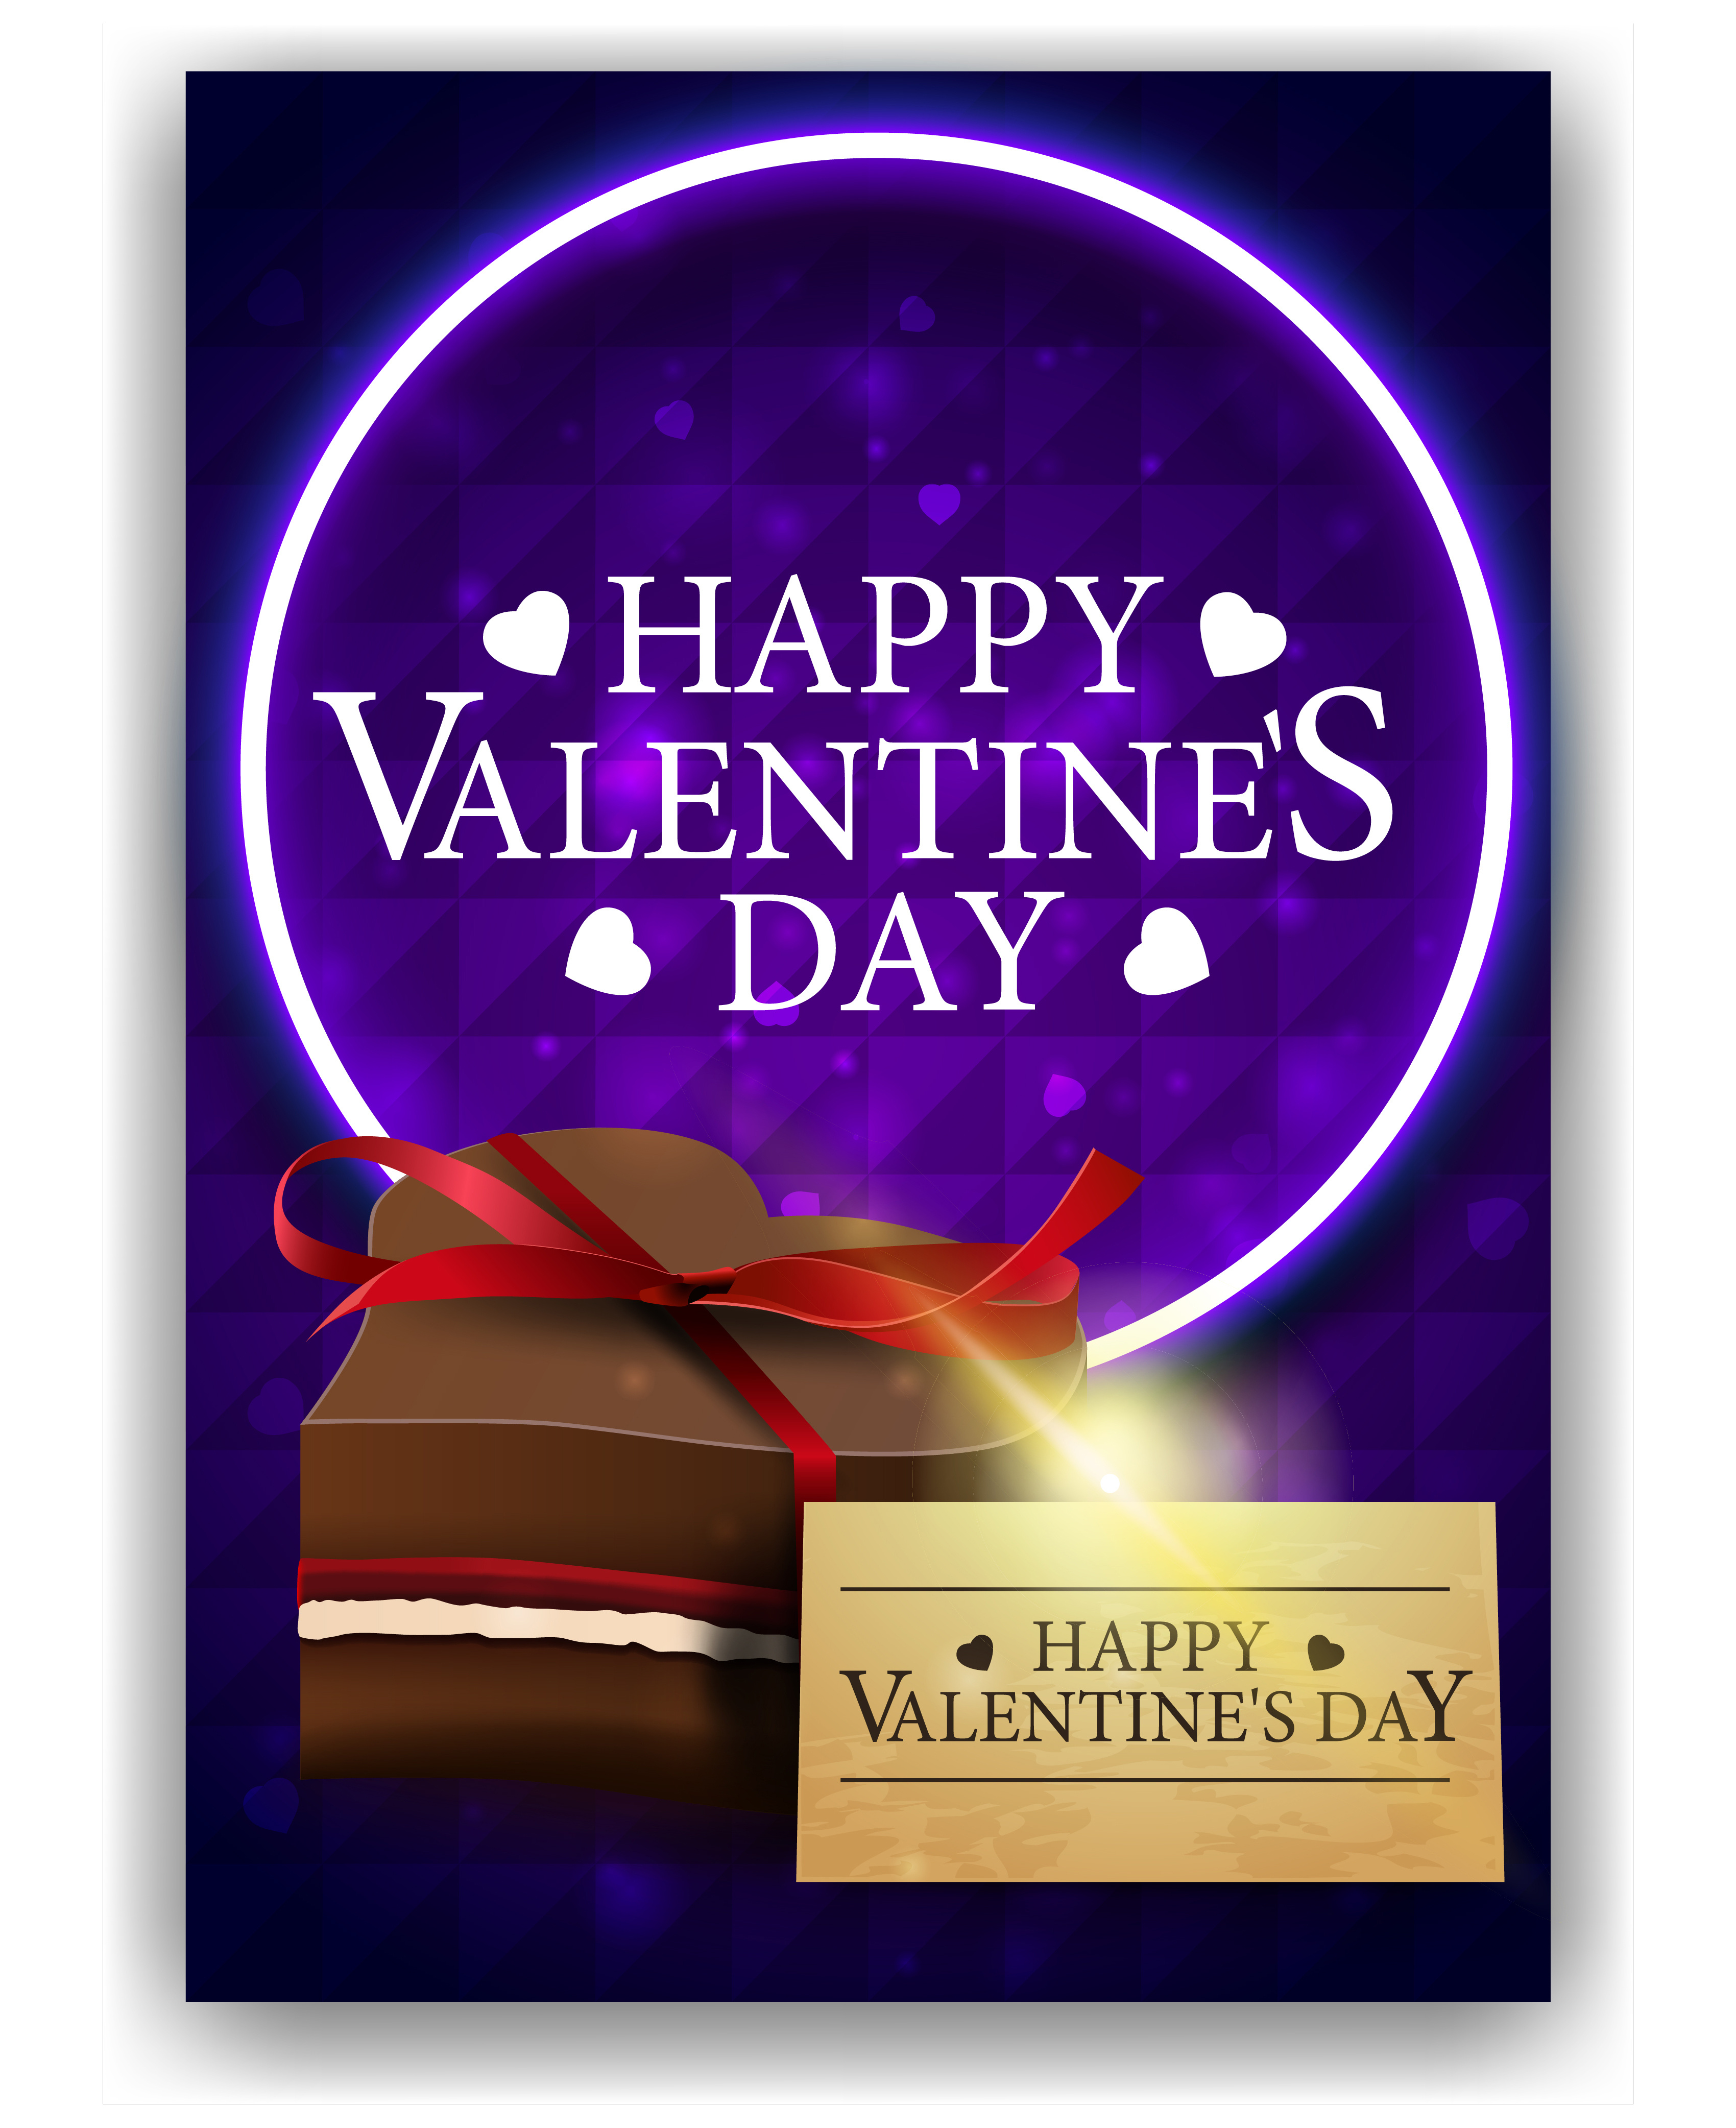 Bilder Valentinstag englischer Herz text Geschenke Schleife Farbigen hintergrund  für Handy Englisch englische englisches Wort